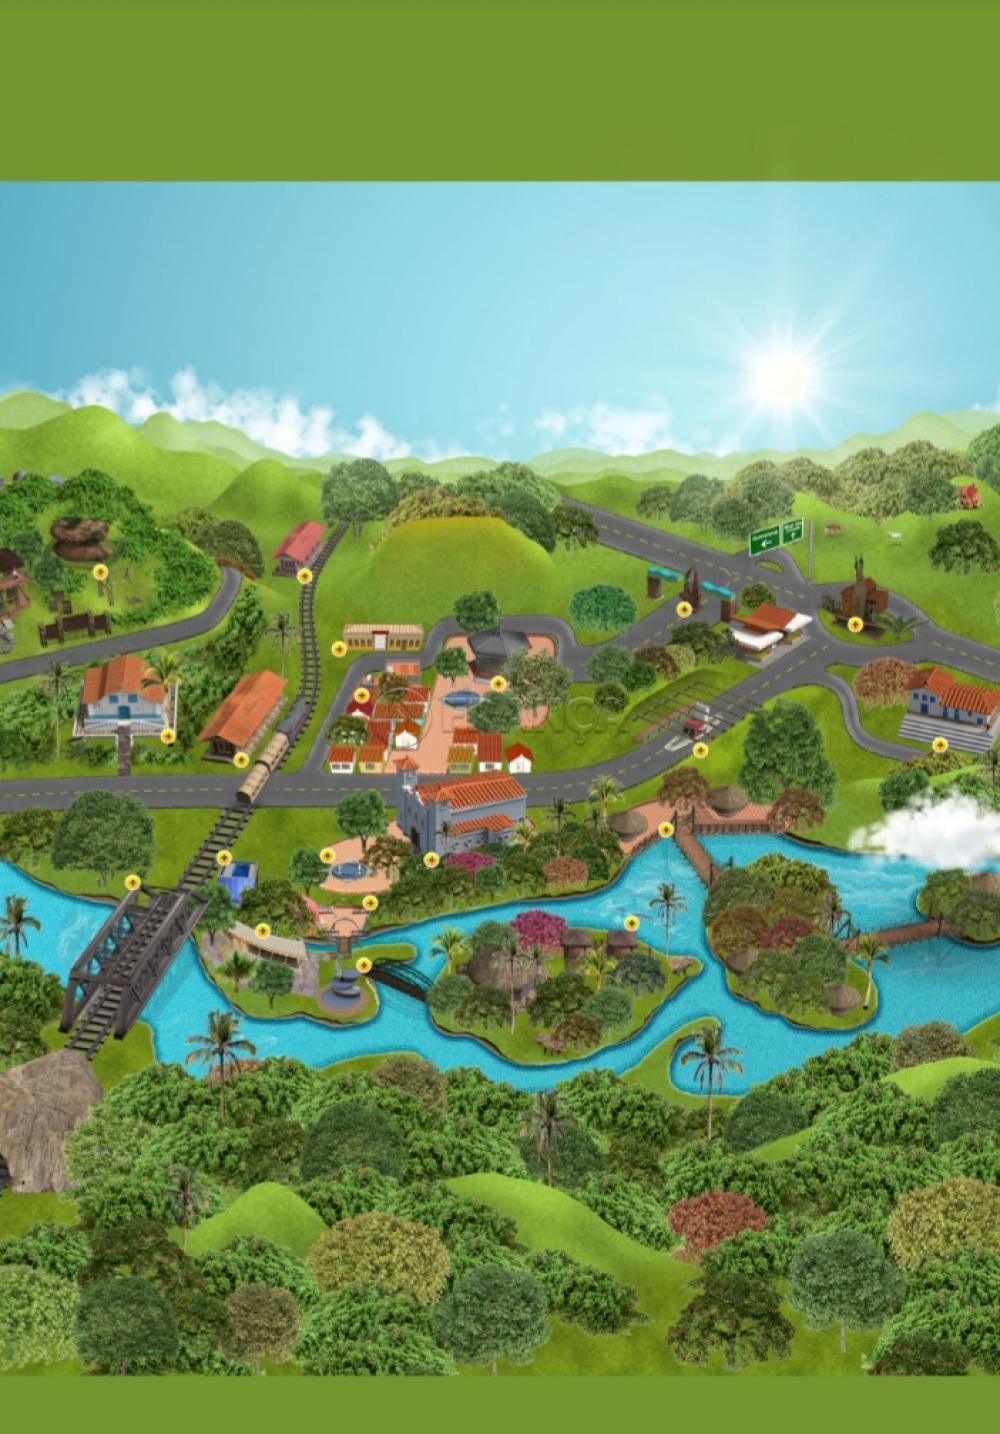 Comprar Terreno / Condomínio em Guararema apenas R$ 186.537,12 - Foto 26